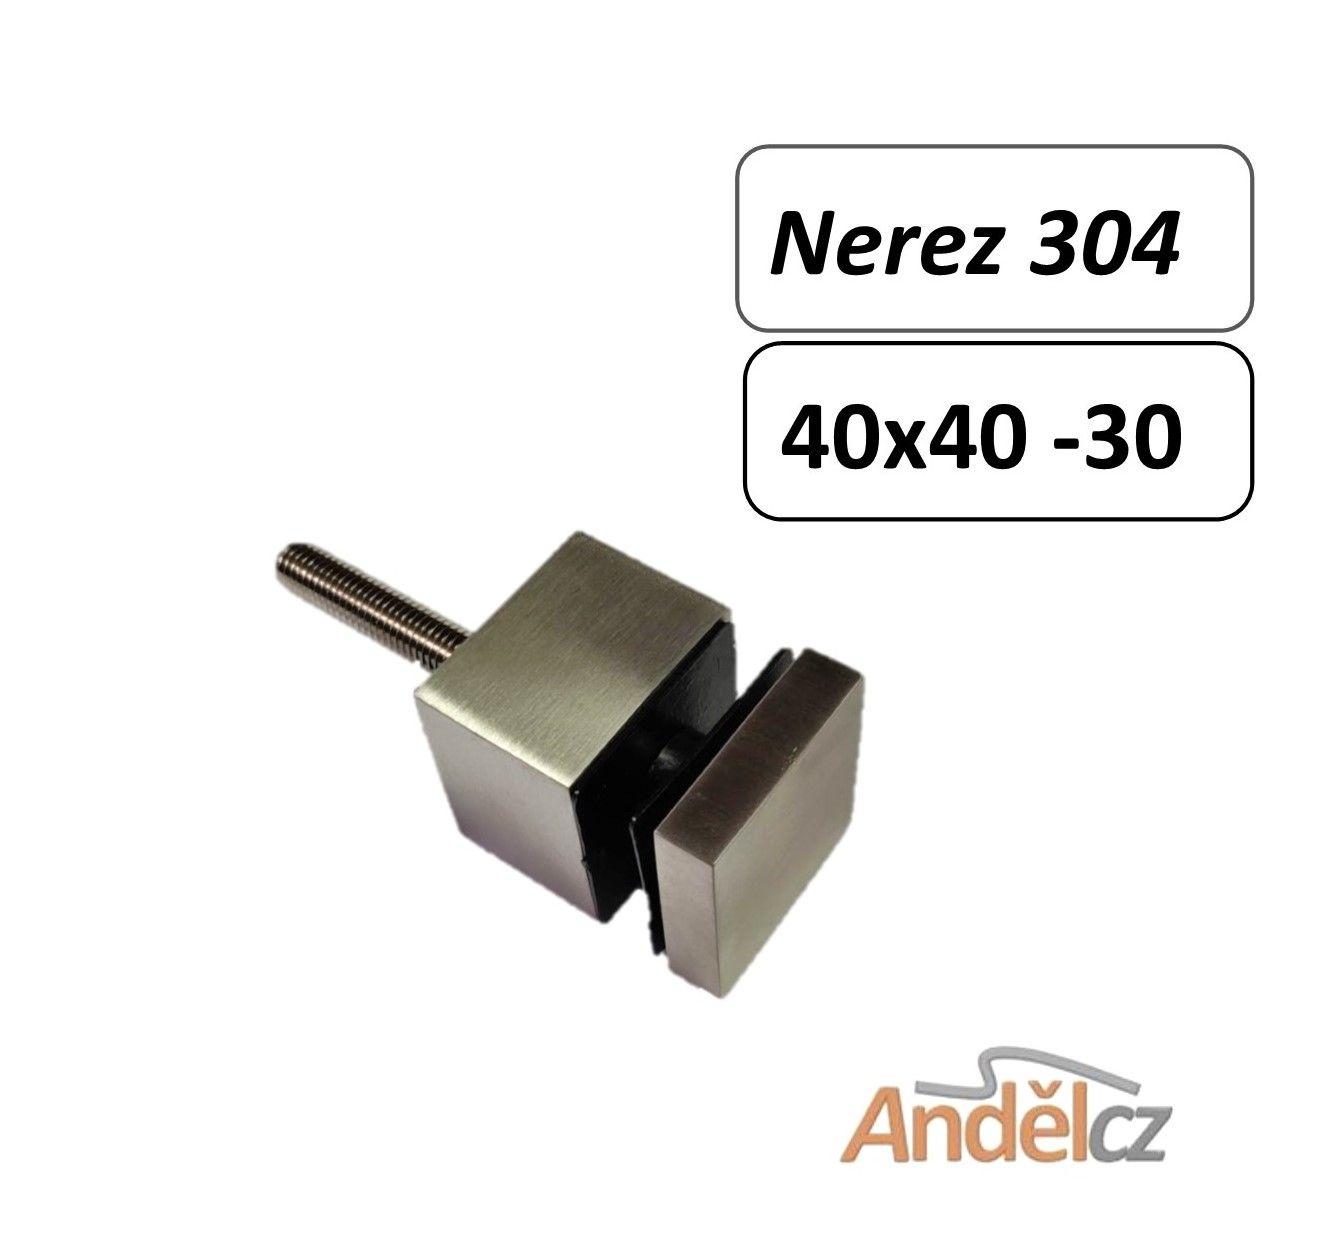 Držák skla bodový hranatý40 x 40 - 30 M10